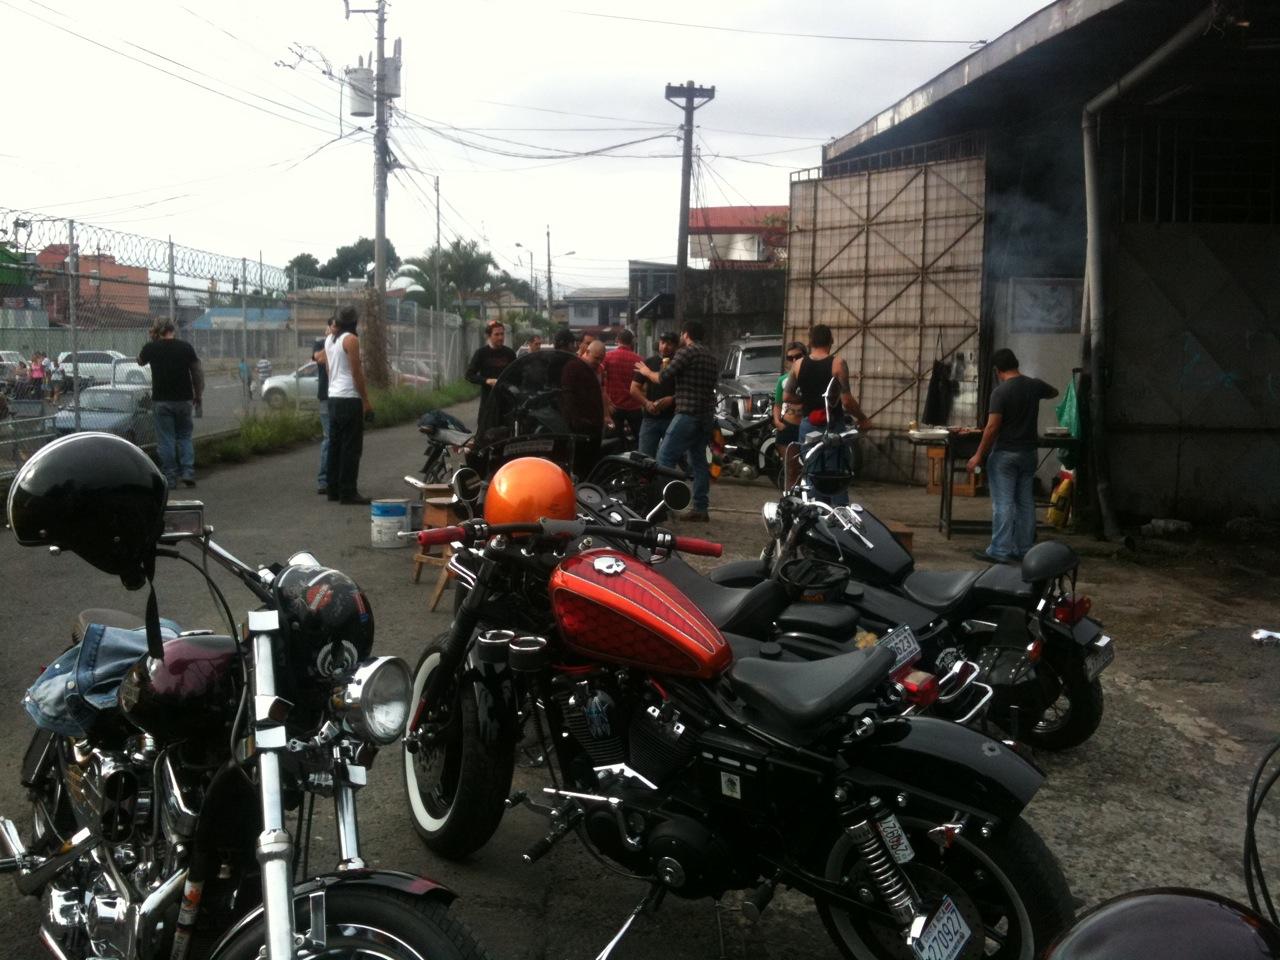 Putas de motocicleta - 5 6